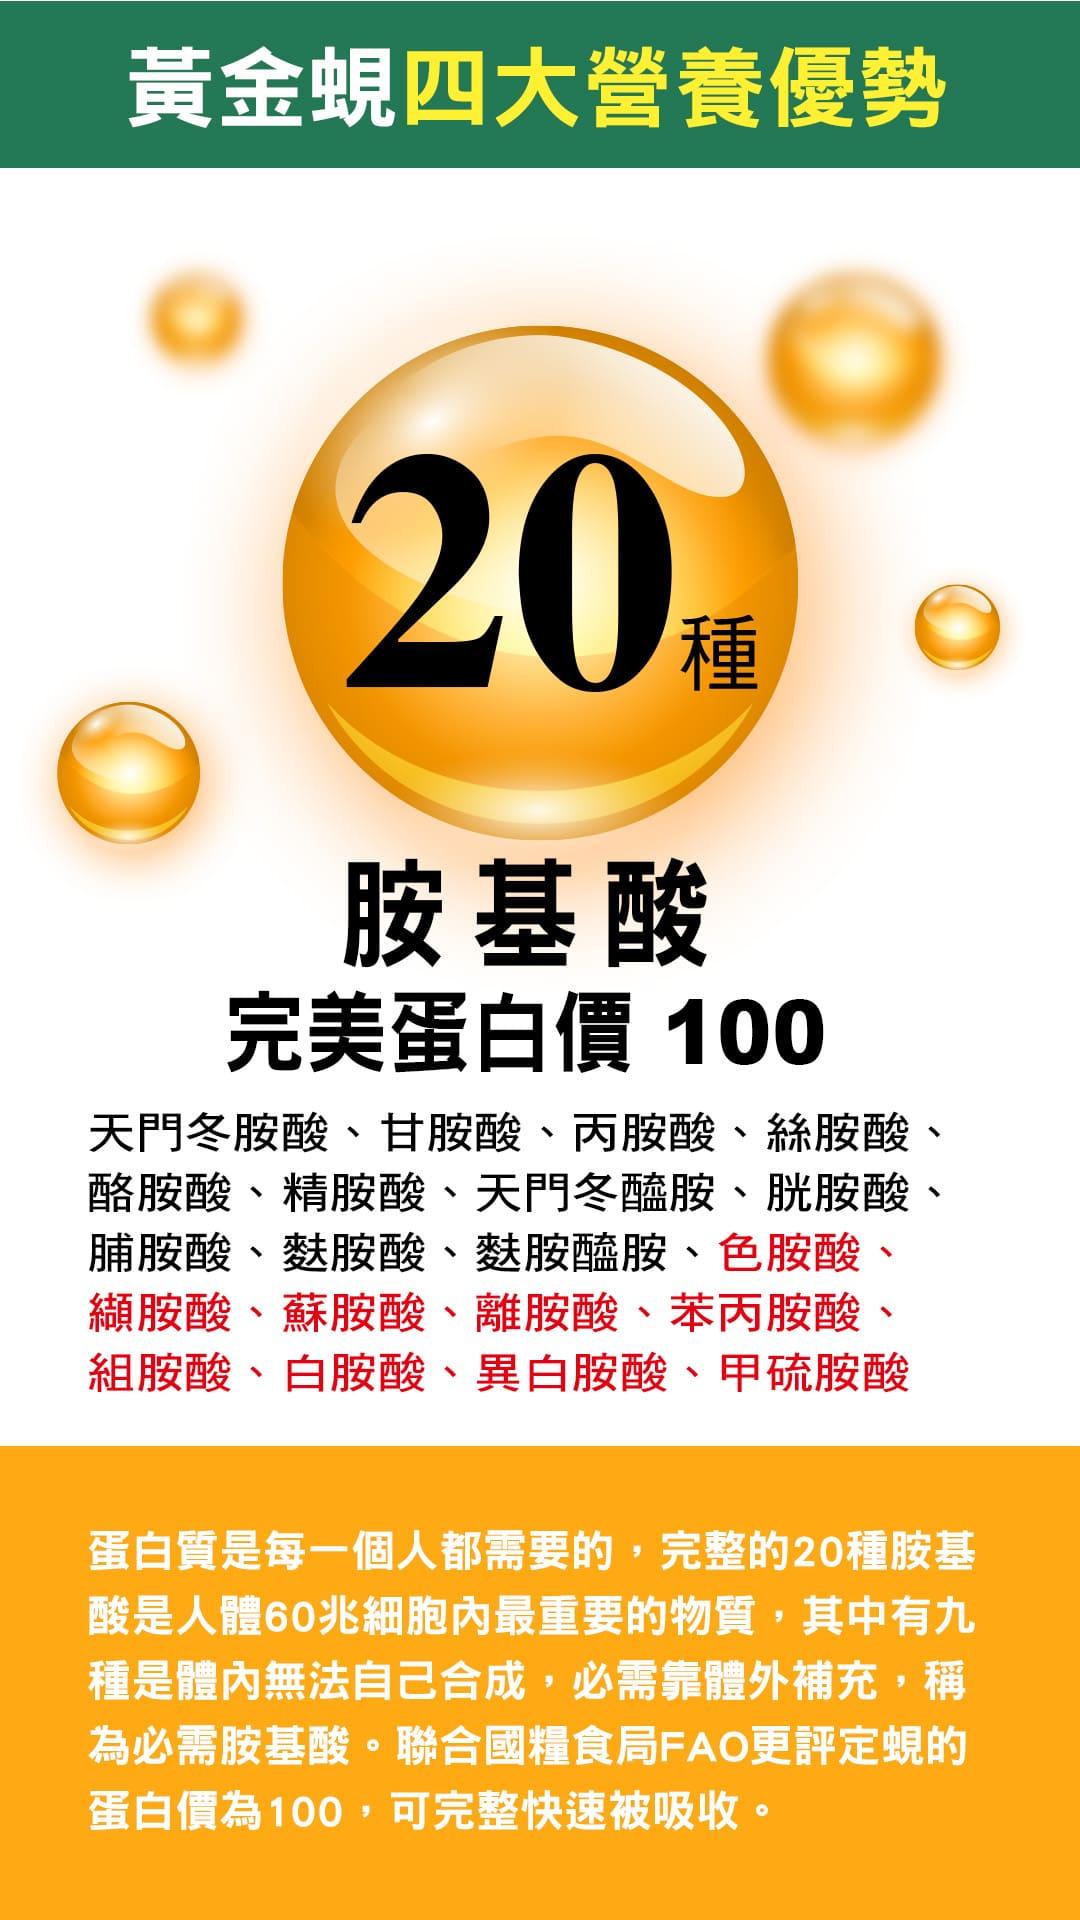 16.黃金蜆四大營養優勢、20種胺基酸